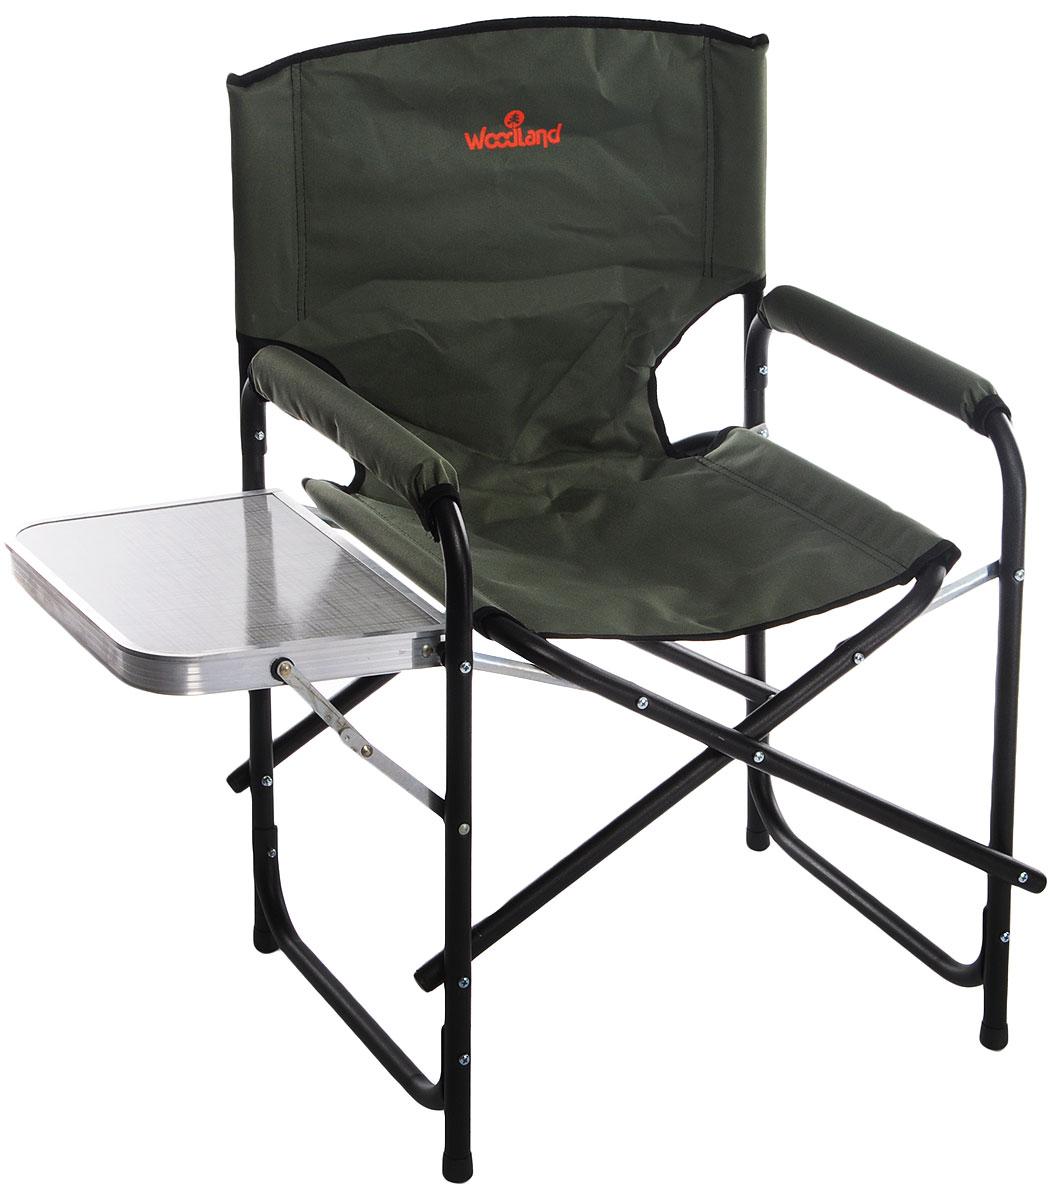 Кресло складное Woodland Fisherman, цвет: зеленый, черный, 55 х 47 х 80 см36500_зеленыйСкладное кресло Woodland Fisherman предназначено для создания комфортных условий в туристических походах, рыбалке и кемпинге.Особенности:Компактная складная конструкция.Прочный стальной каркас с покрытием, диаметр 22 мм.Удобный раскладной столик с подстаканником.Водоотталкивающее ПВХ покрытие ткани Oxford 600D.